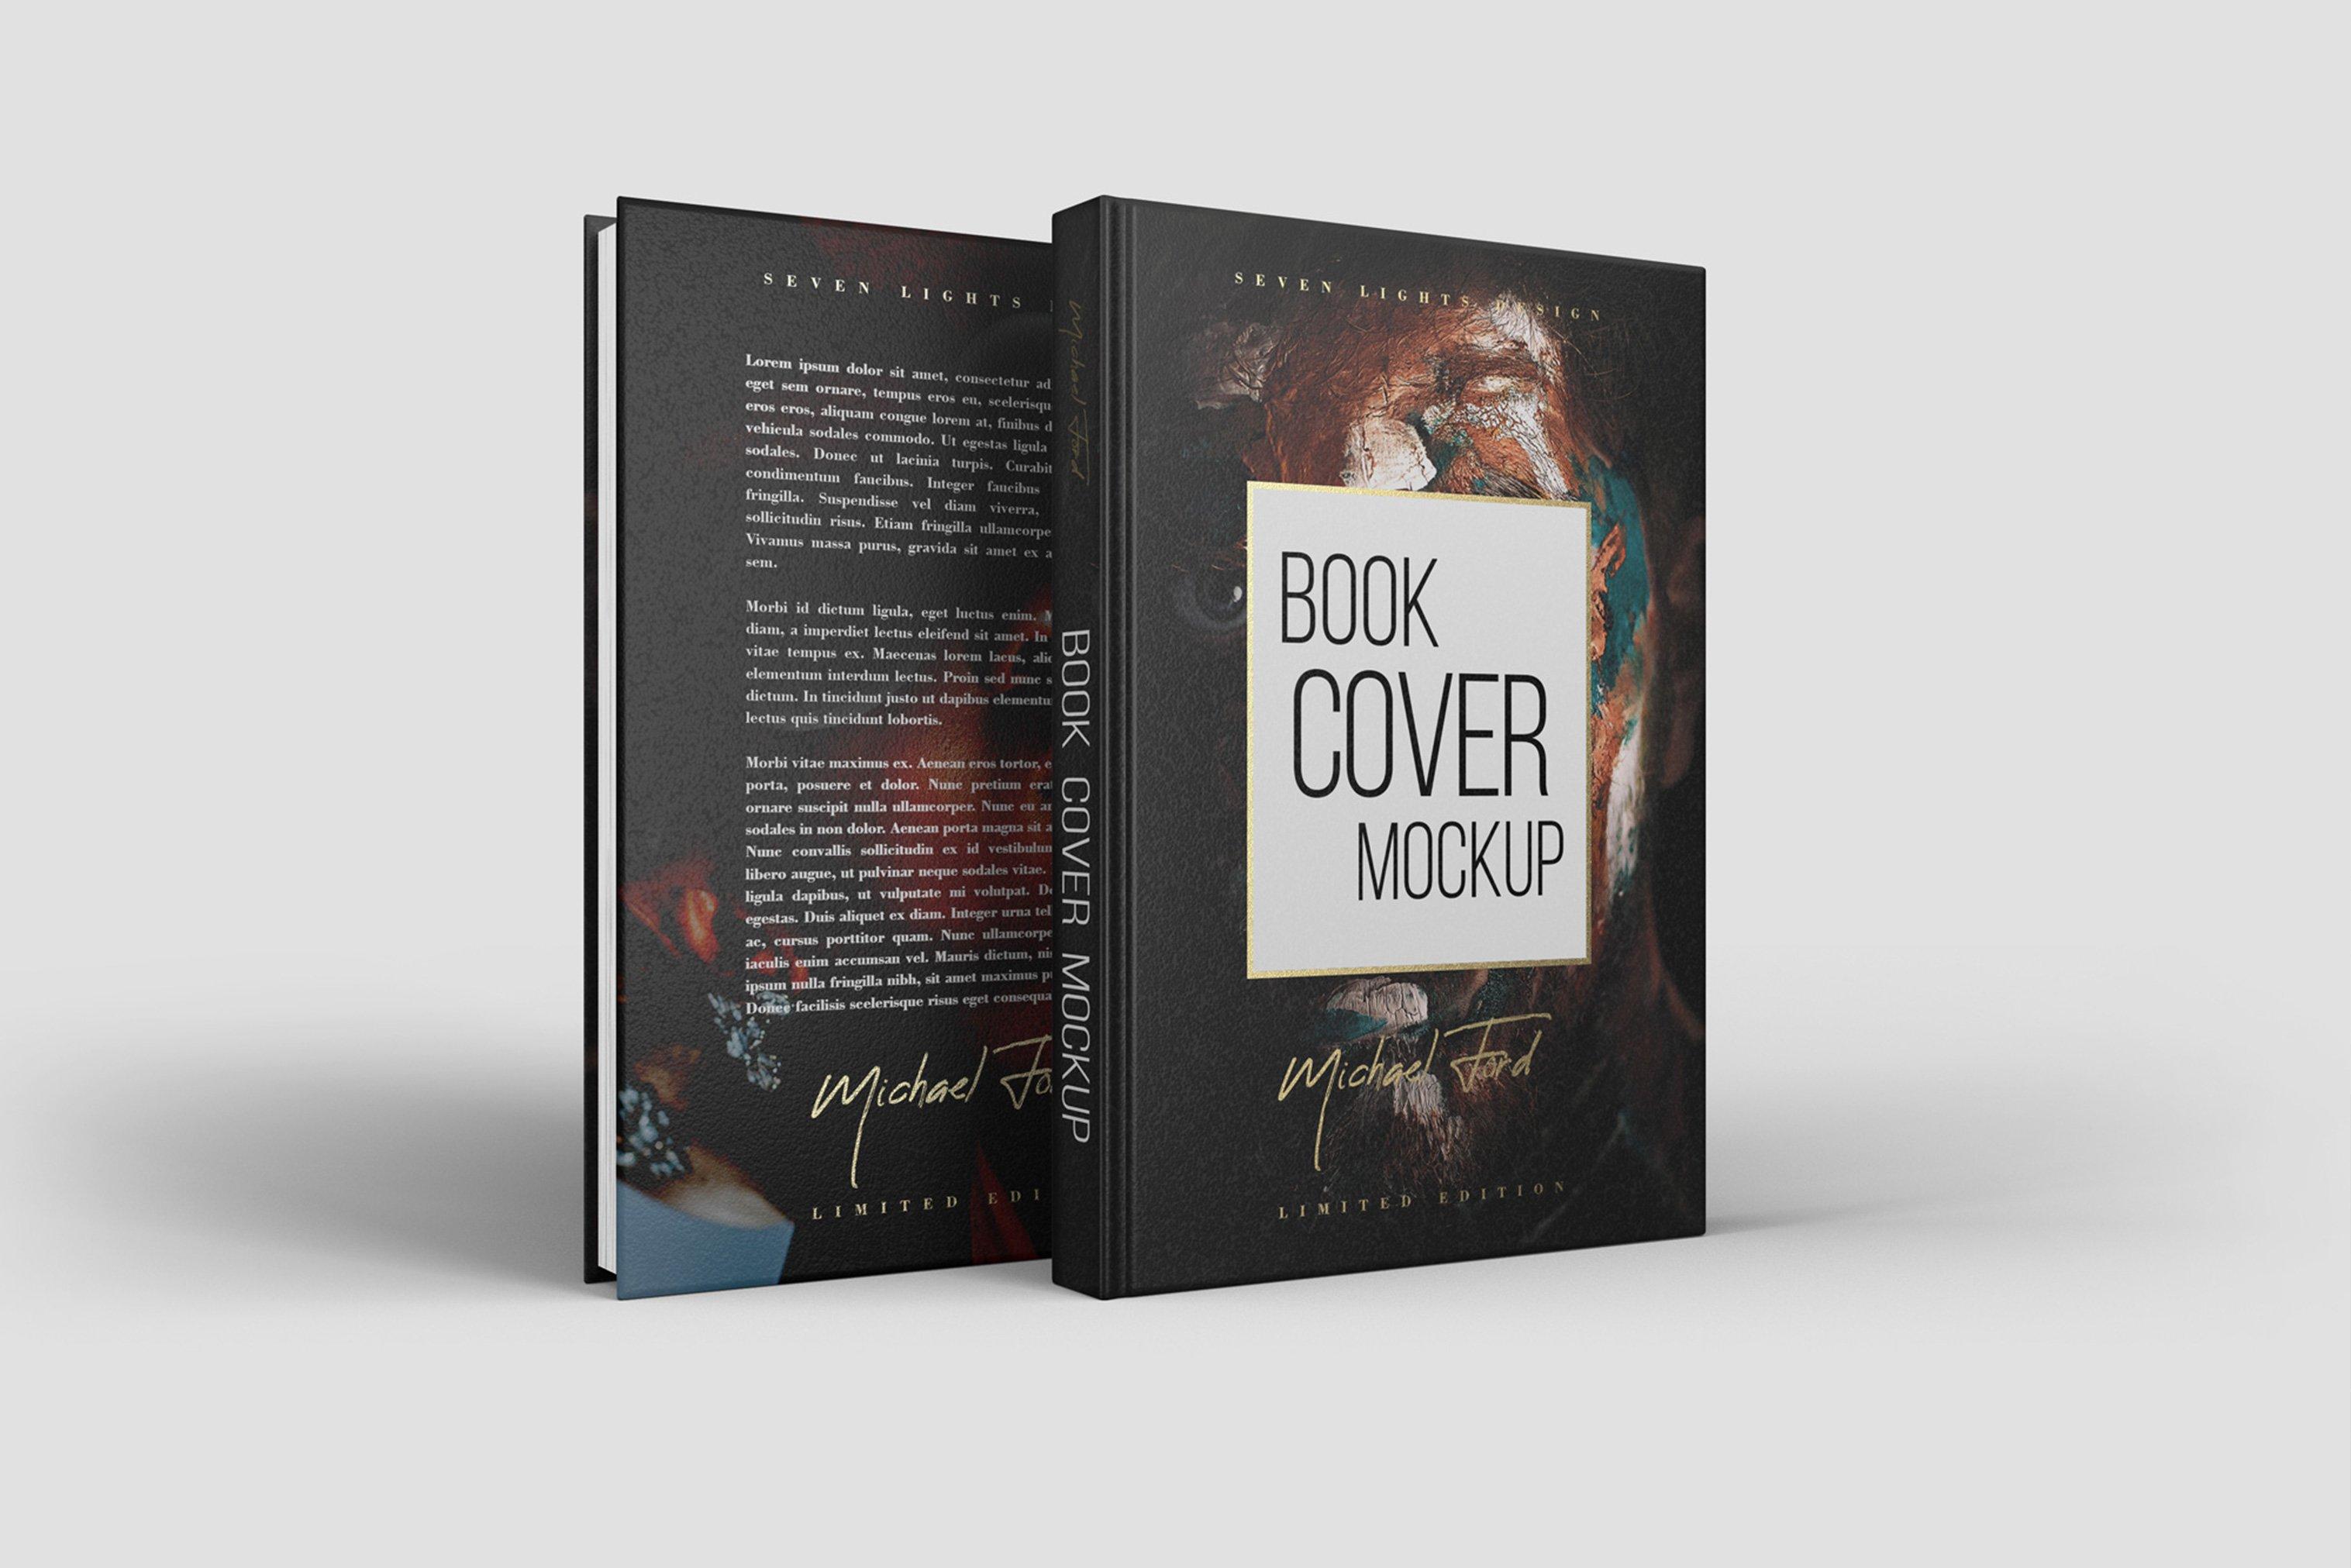 7款精装书封面设计展示样机模板集 Book Cover Mockup Set插图(5)